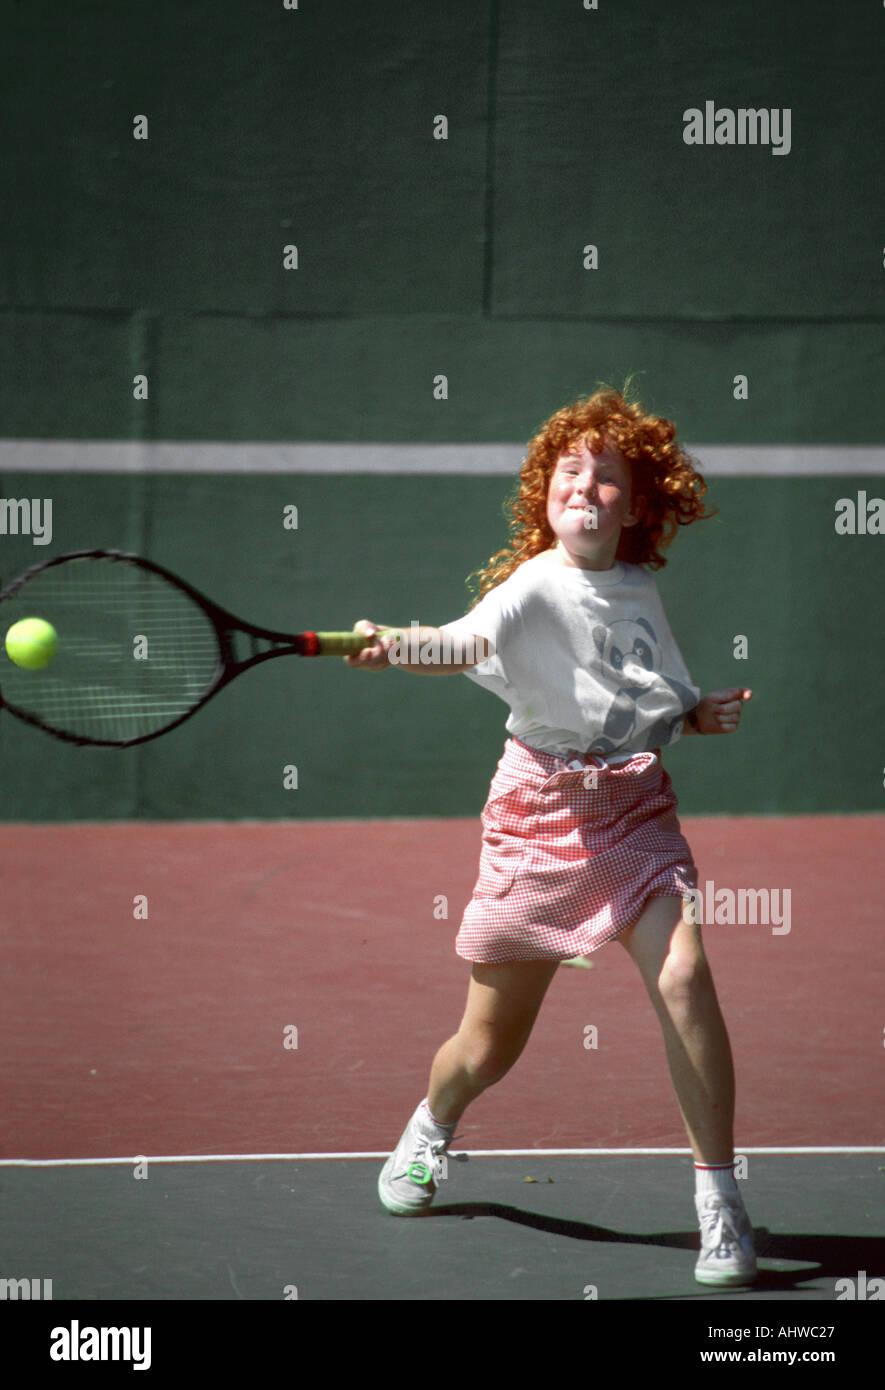 11 Jahre alt weiblich konkurriert, in einem Tennisturnier Stockbild